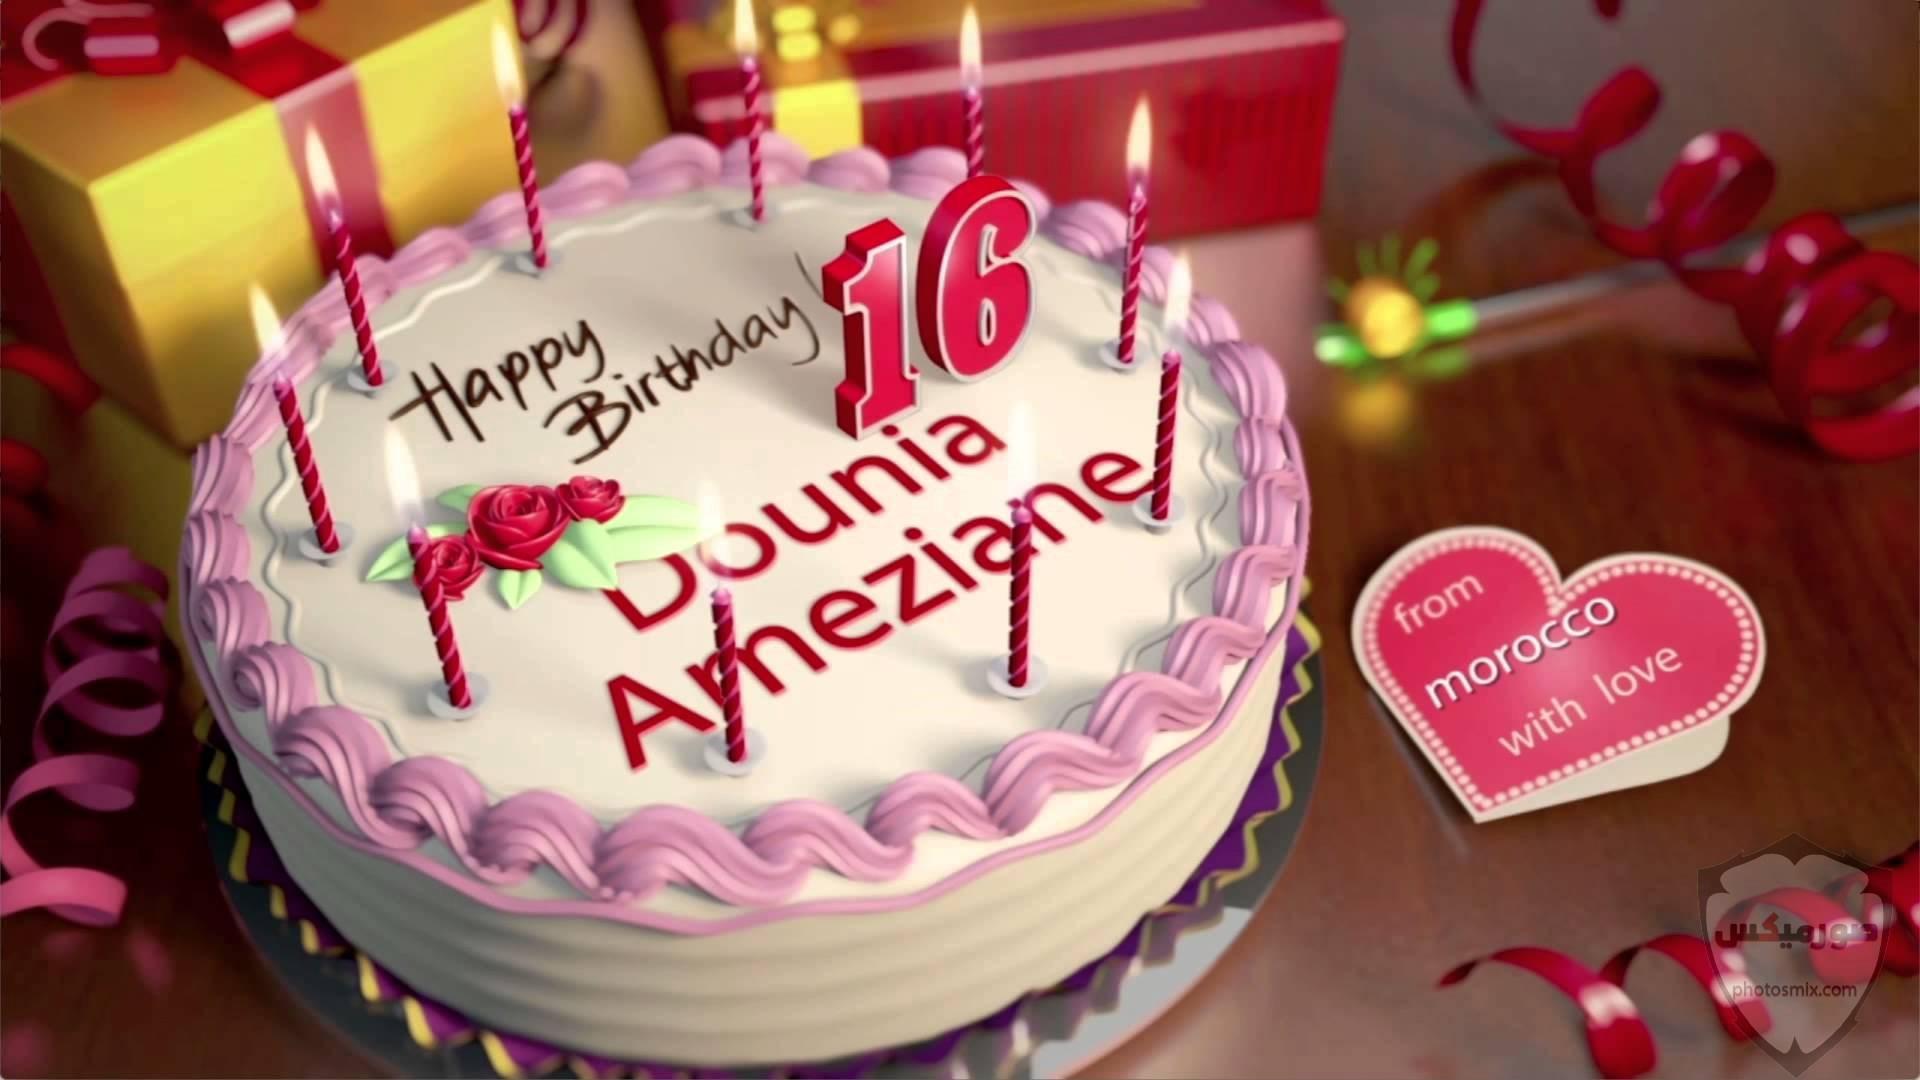 صور عيد ميلاد سعيد 2020 صور تورتة تهنئة لأعياد الميلاد 2021 صور happy birth day 44